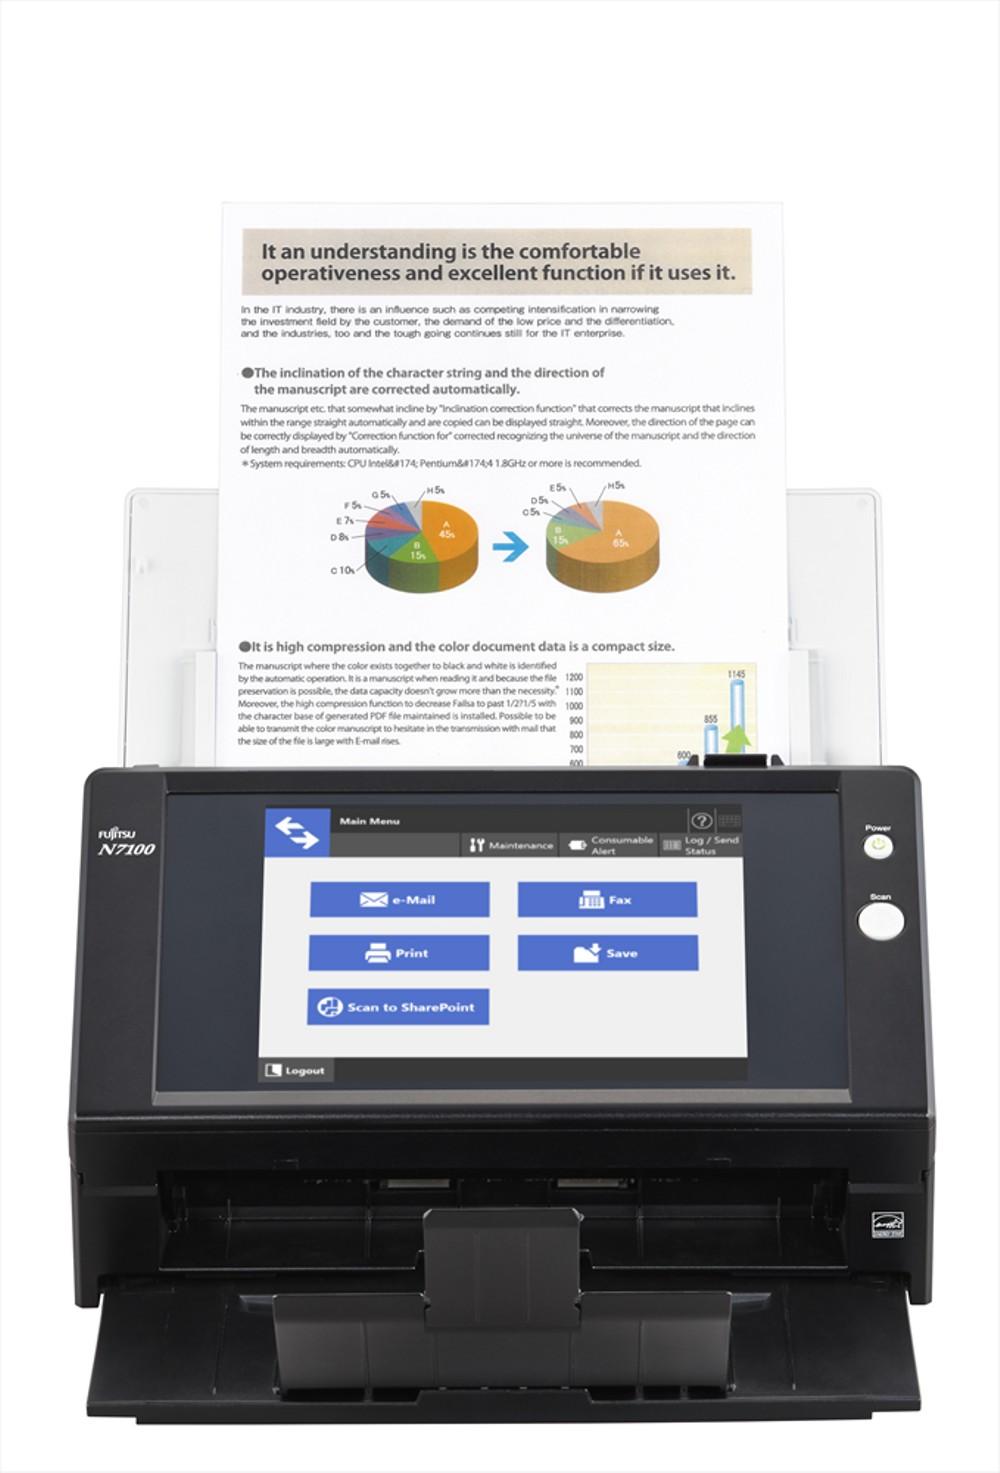 Fujitsu N7100 Scanner Image 2